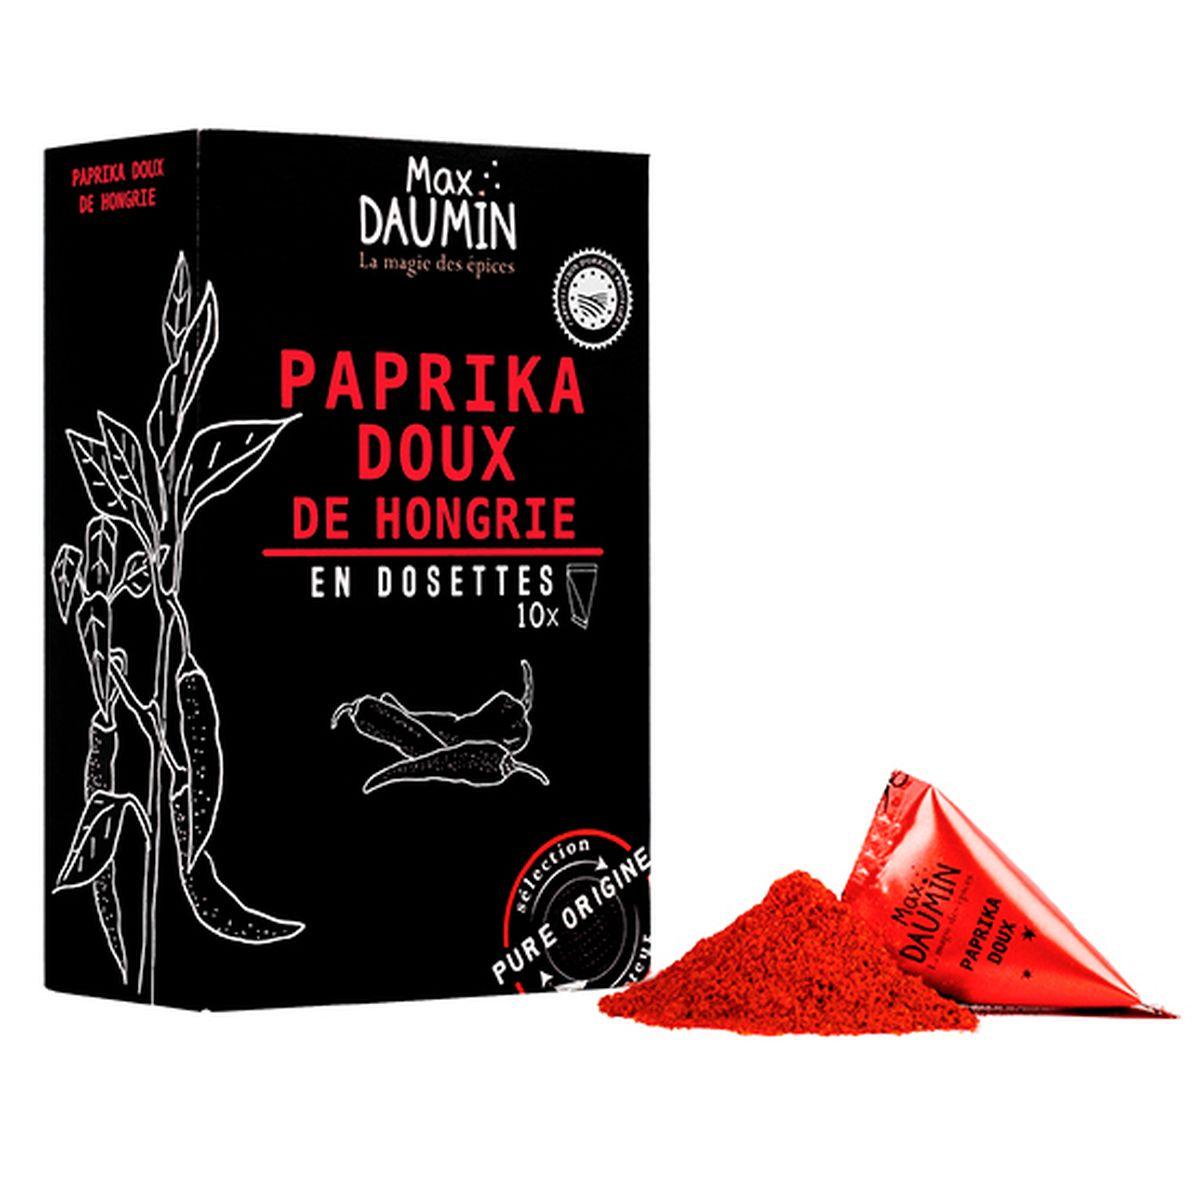 Paprika doux de Hongrie - Max Daumin